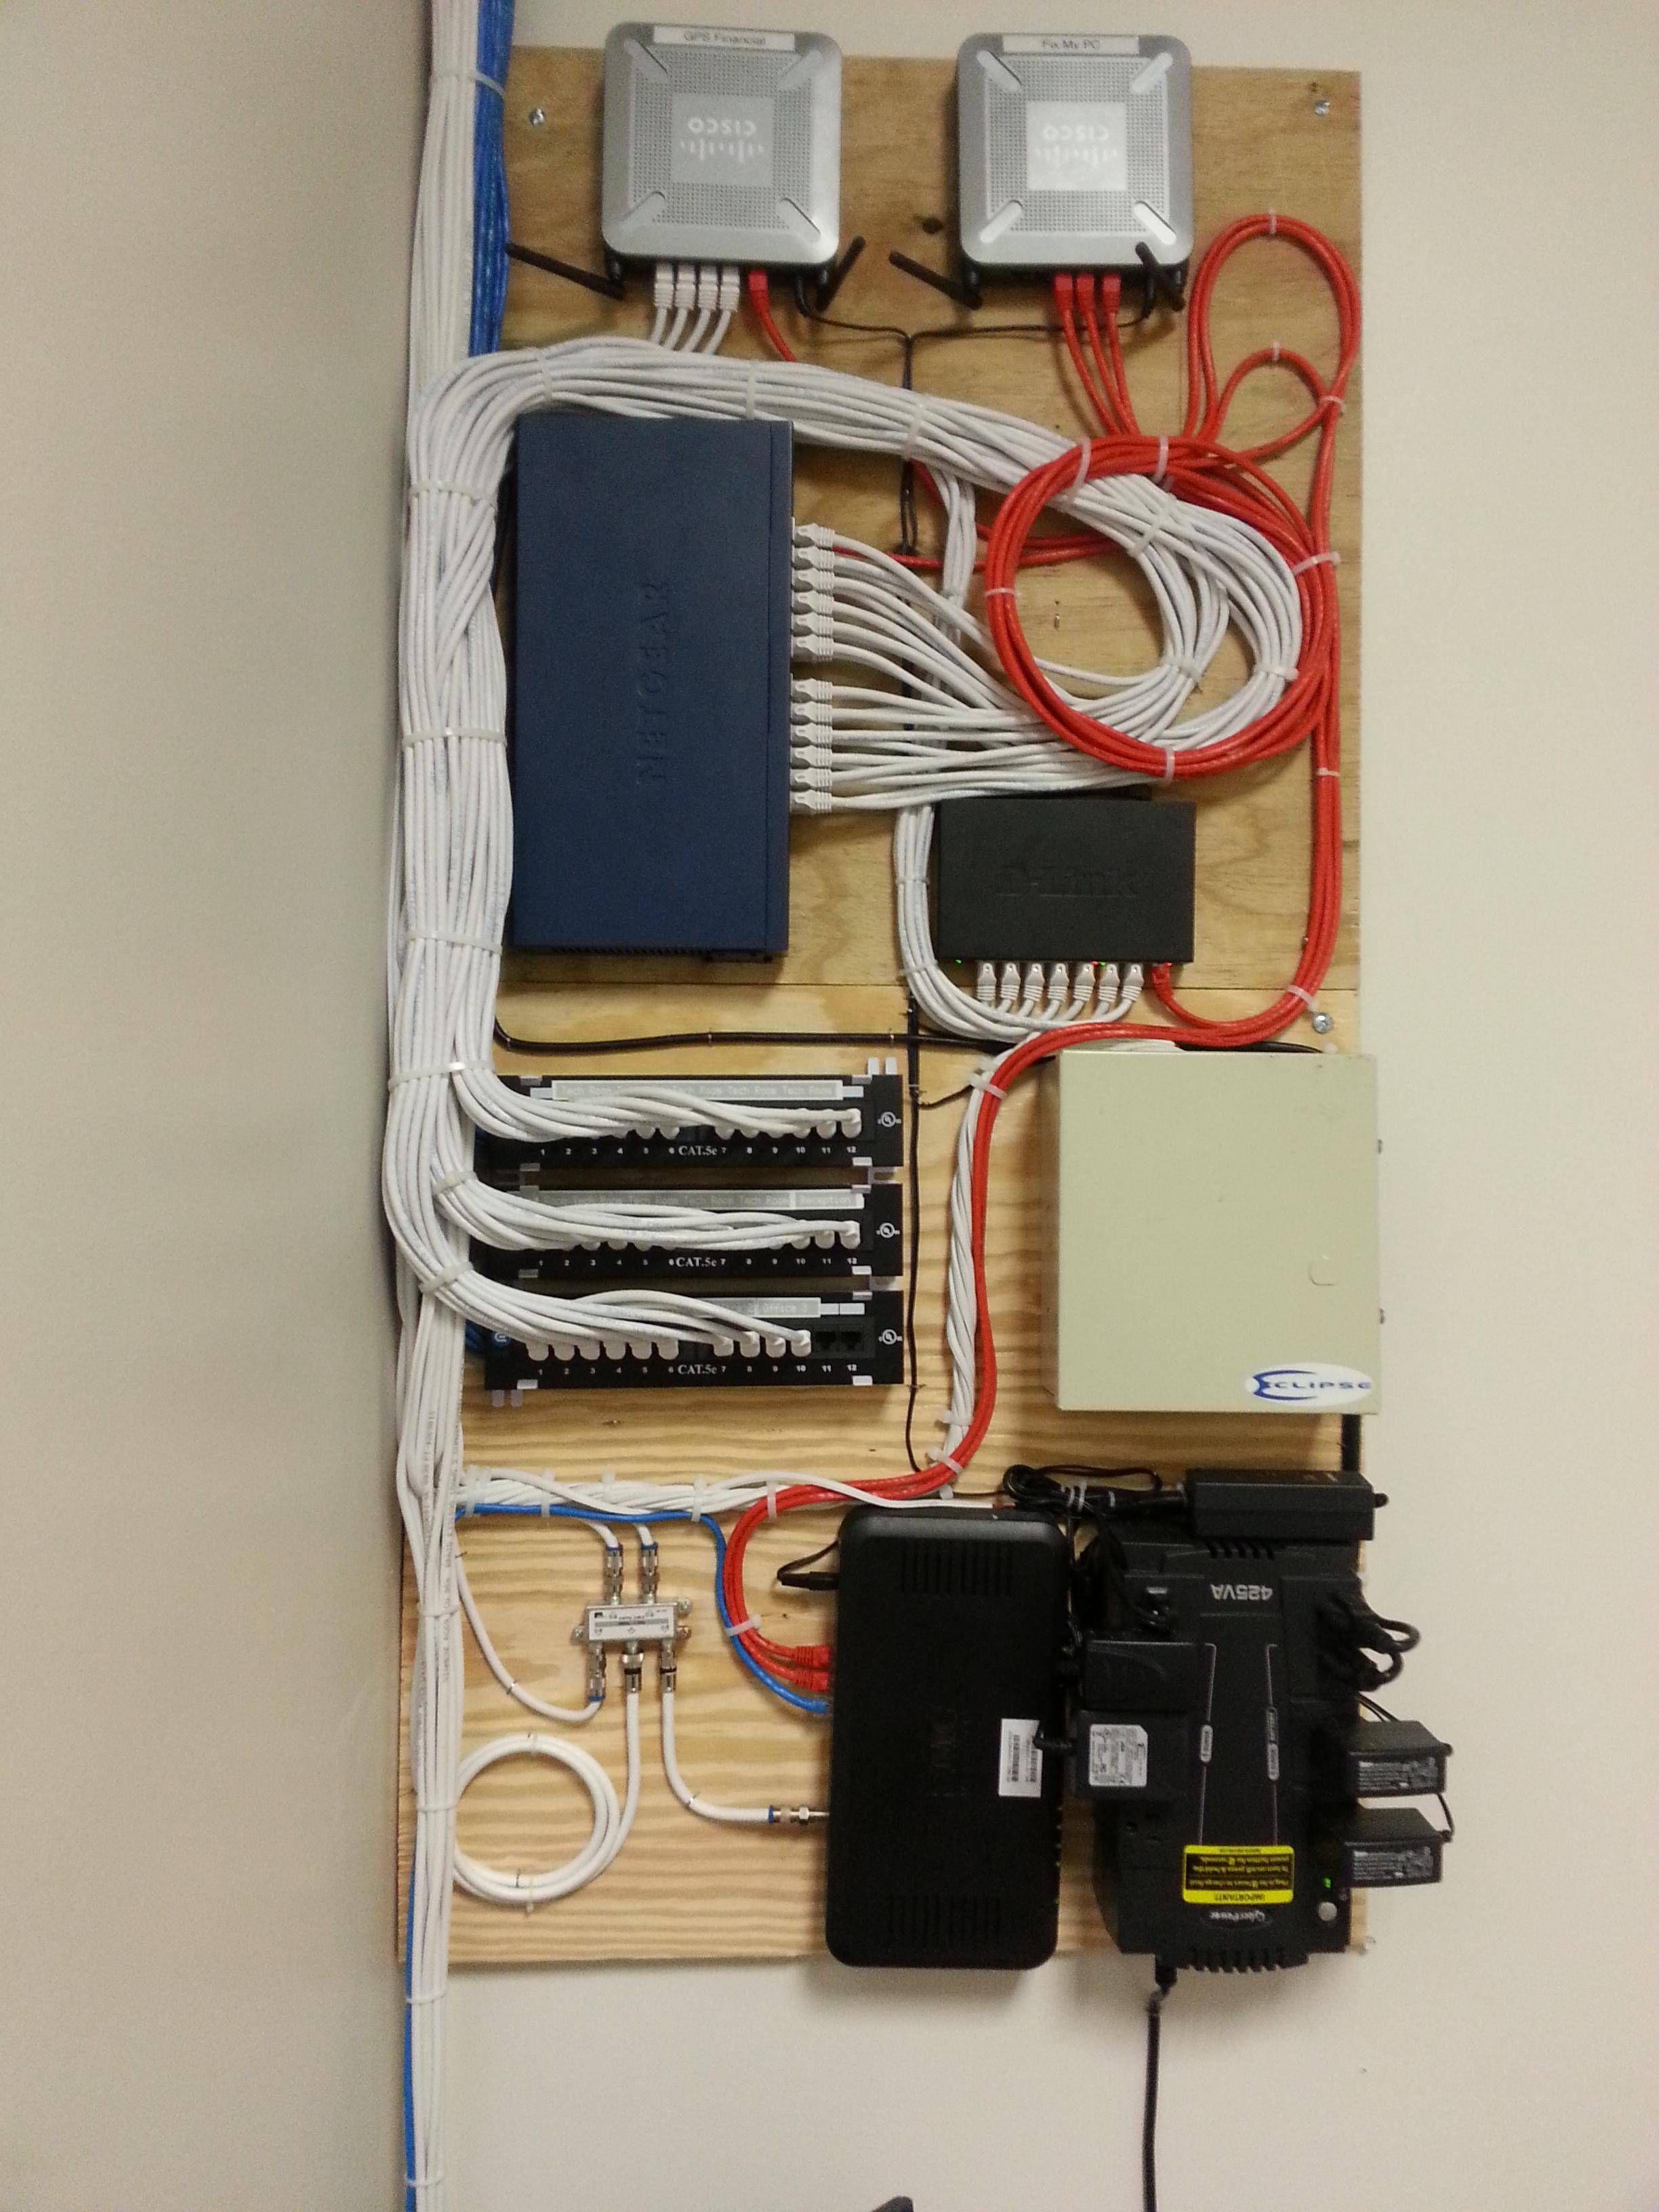 2zalqej Jpg 2448 3264 Cable Management Diy Cable Management